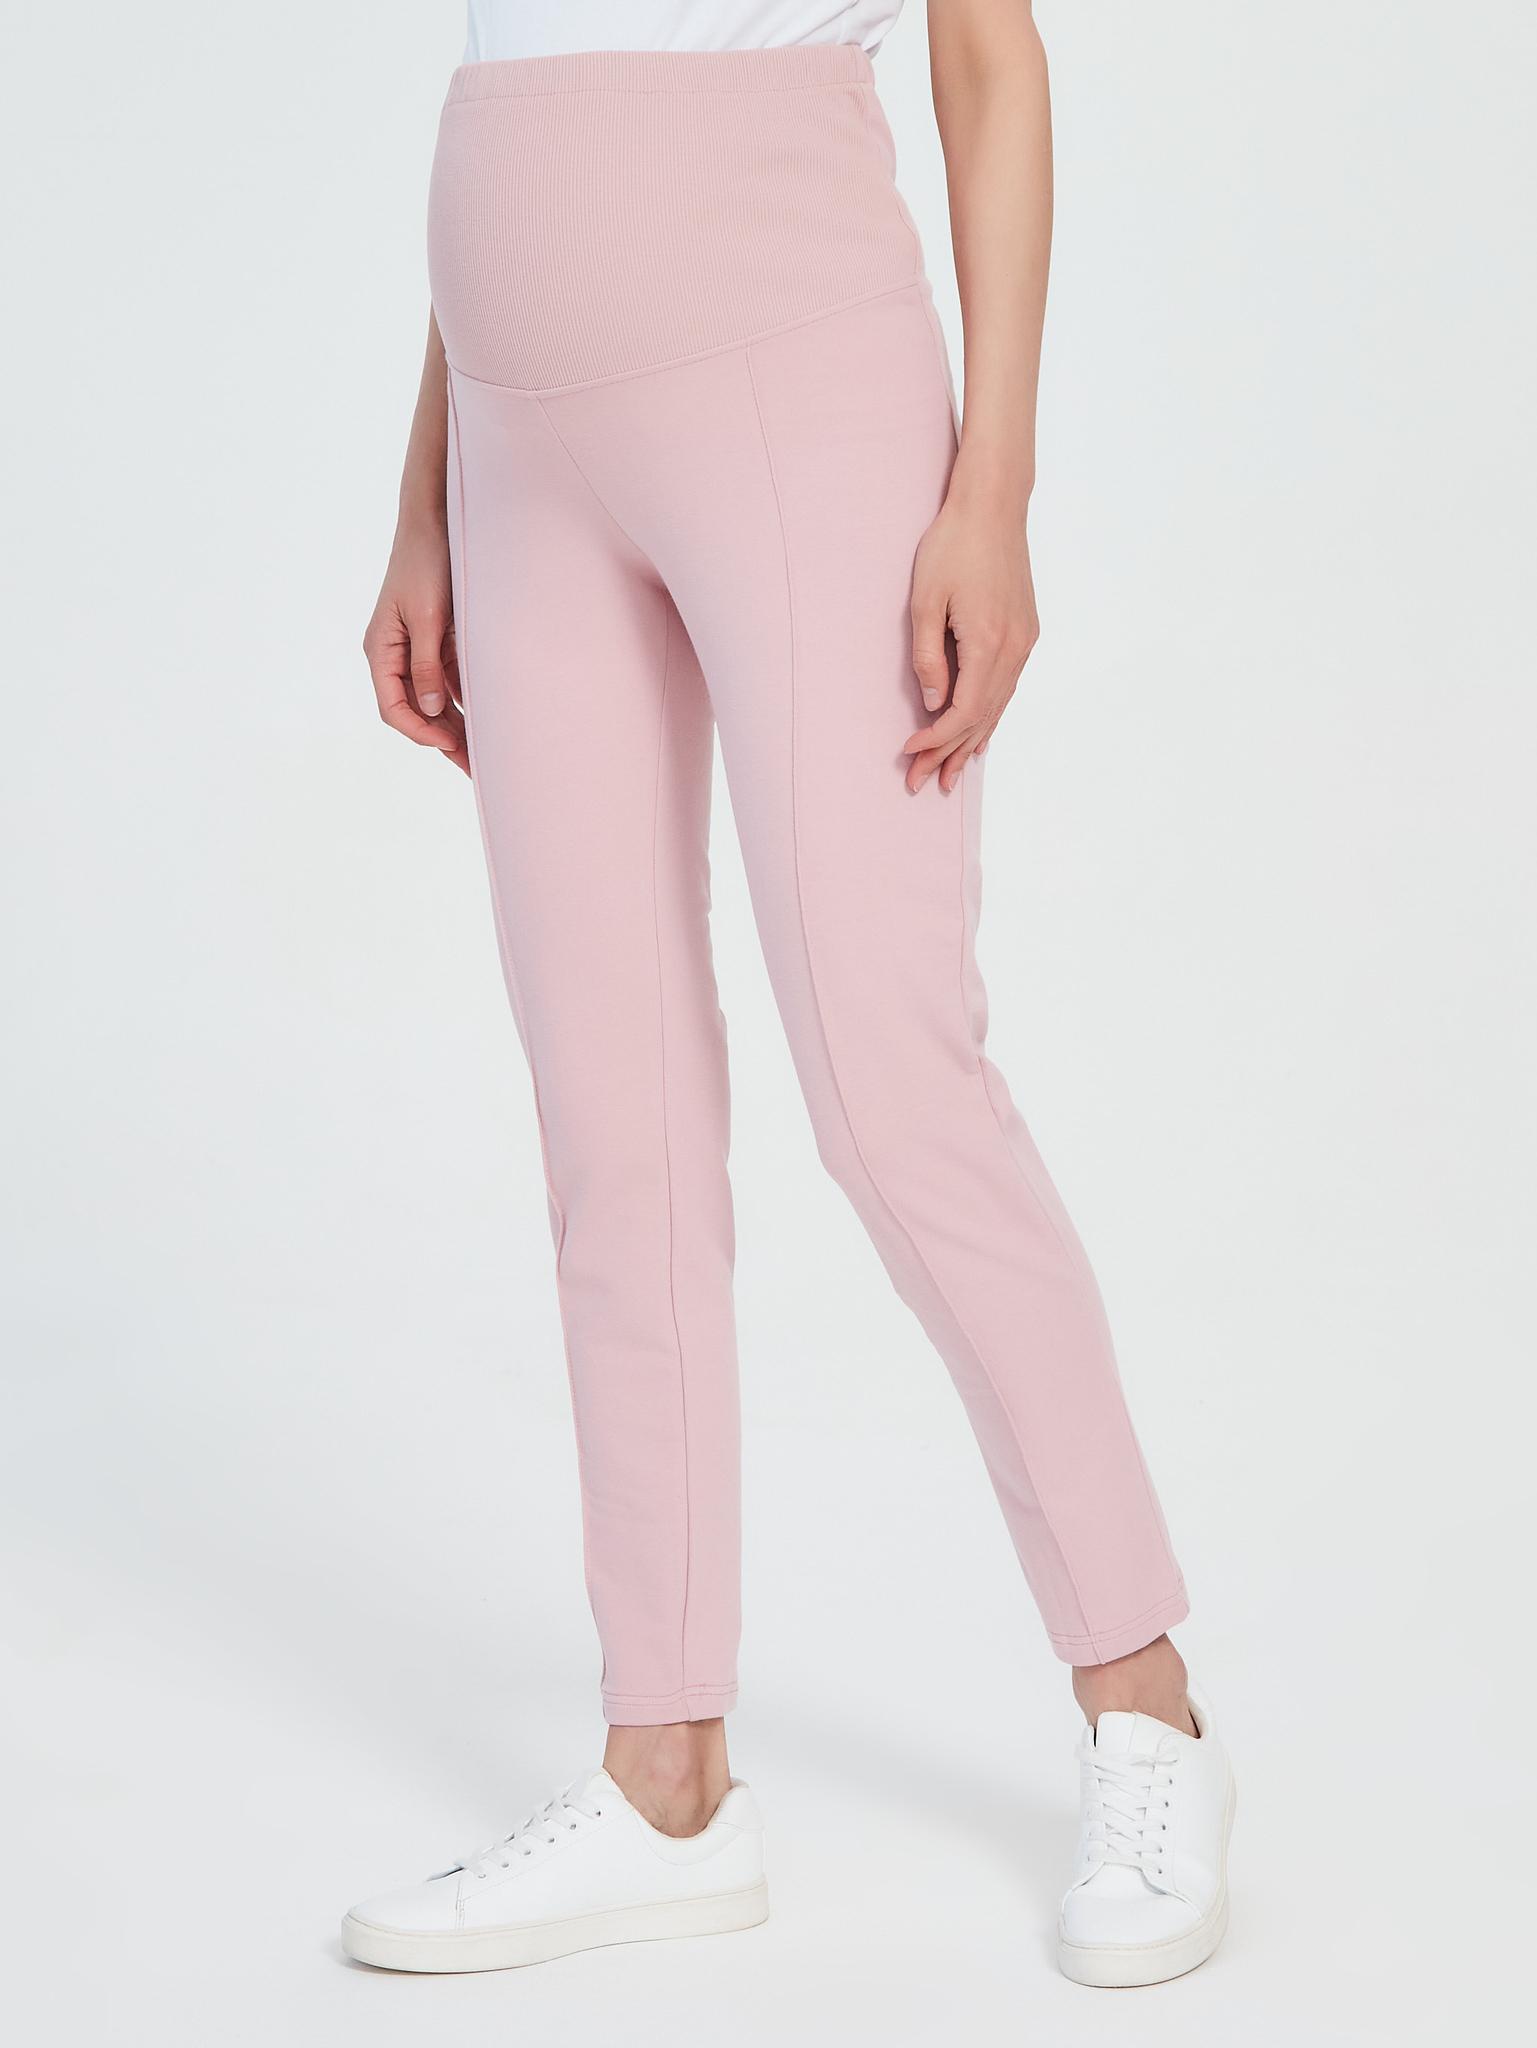 Трикотажные брюки из хлопка для беременных Chic mama